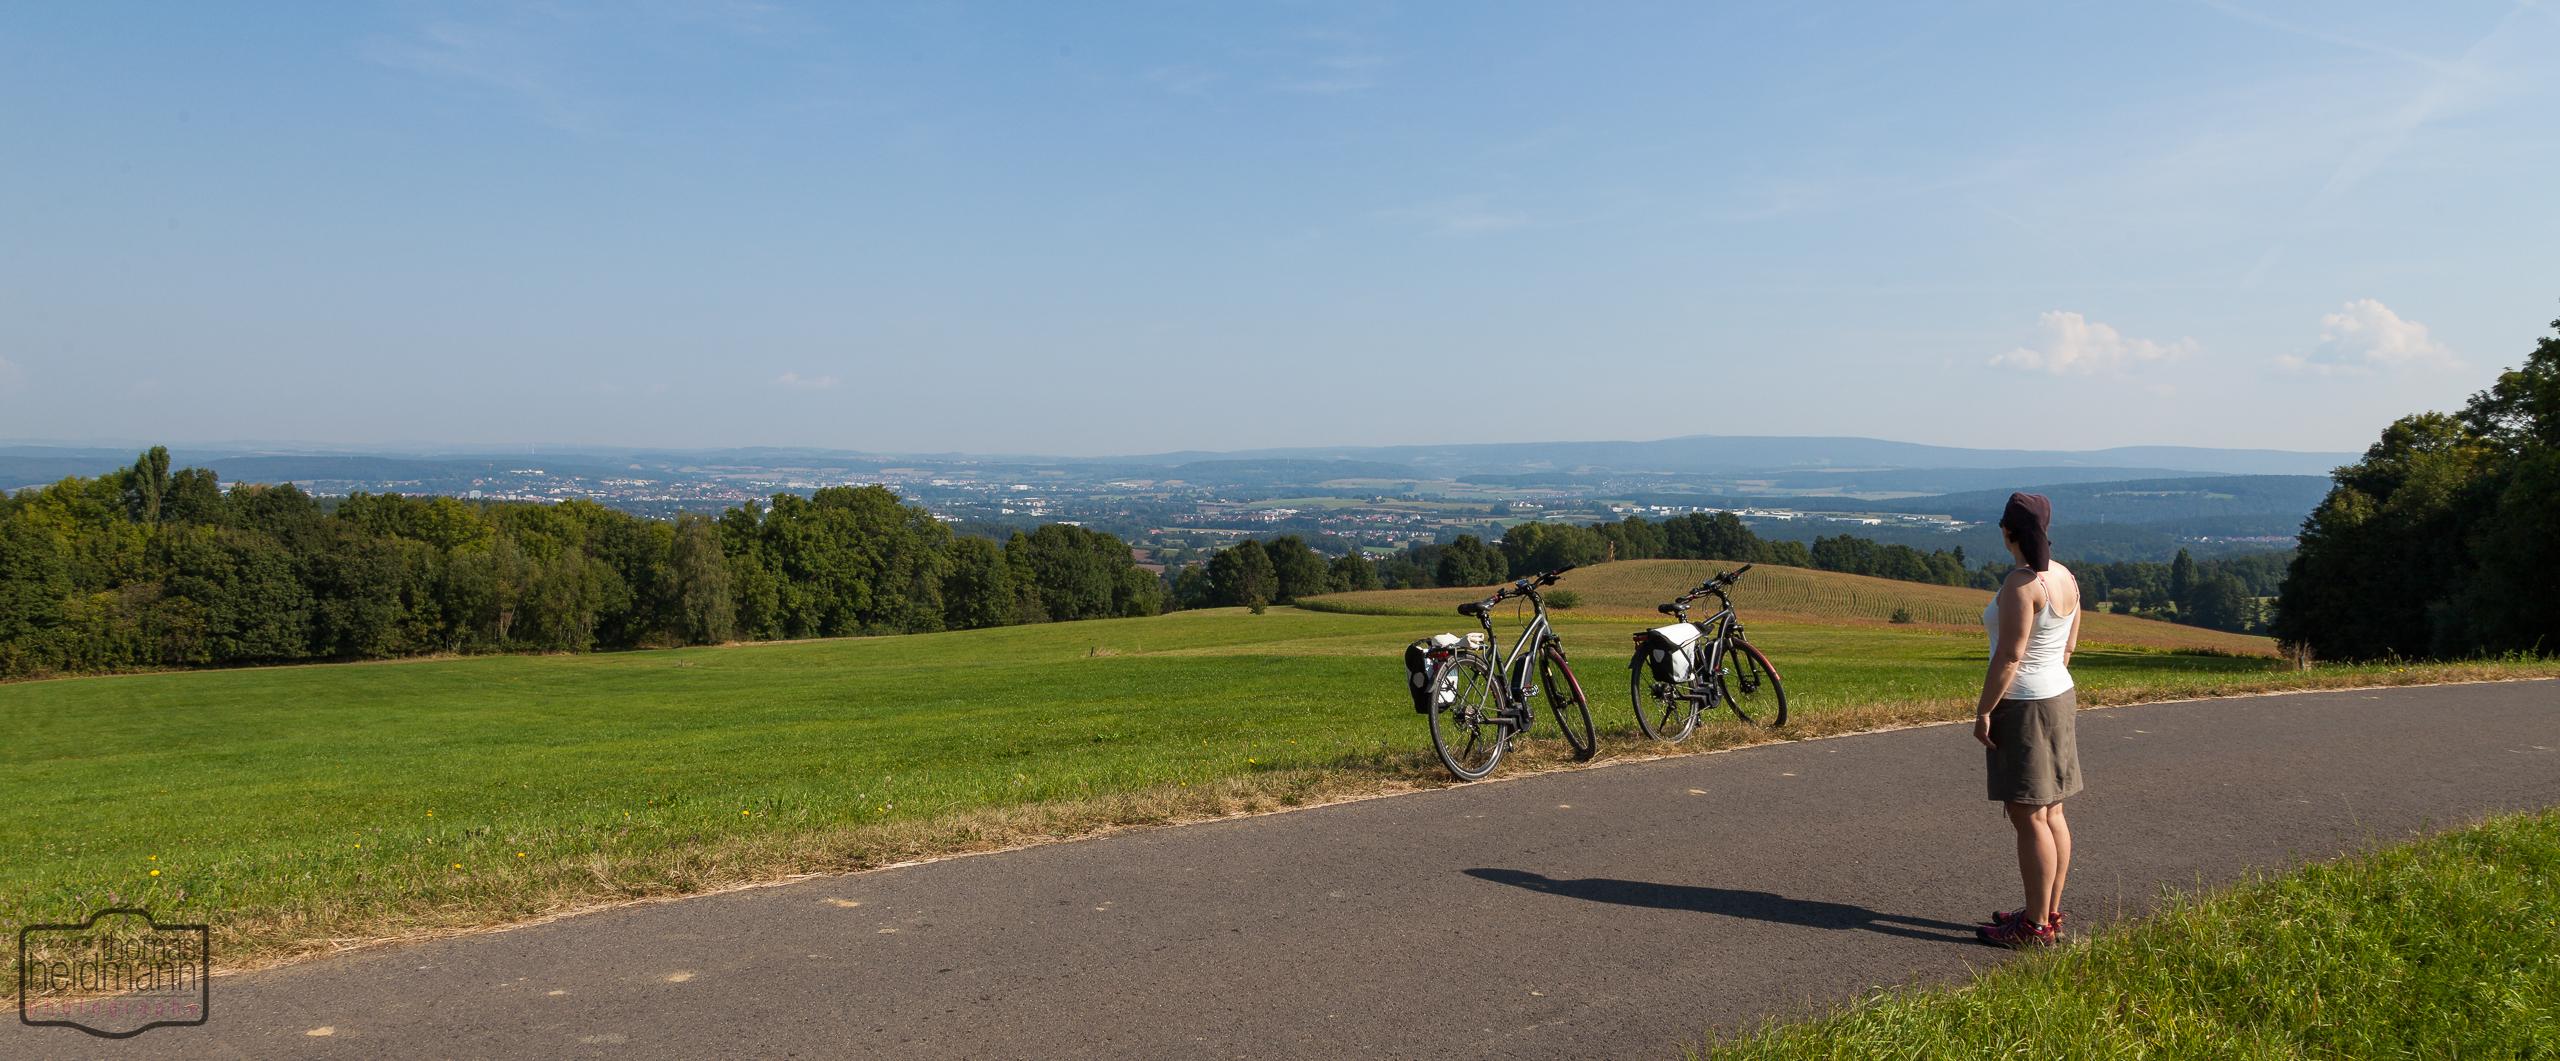 Radtour im Umland von Bayreuth